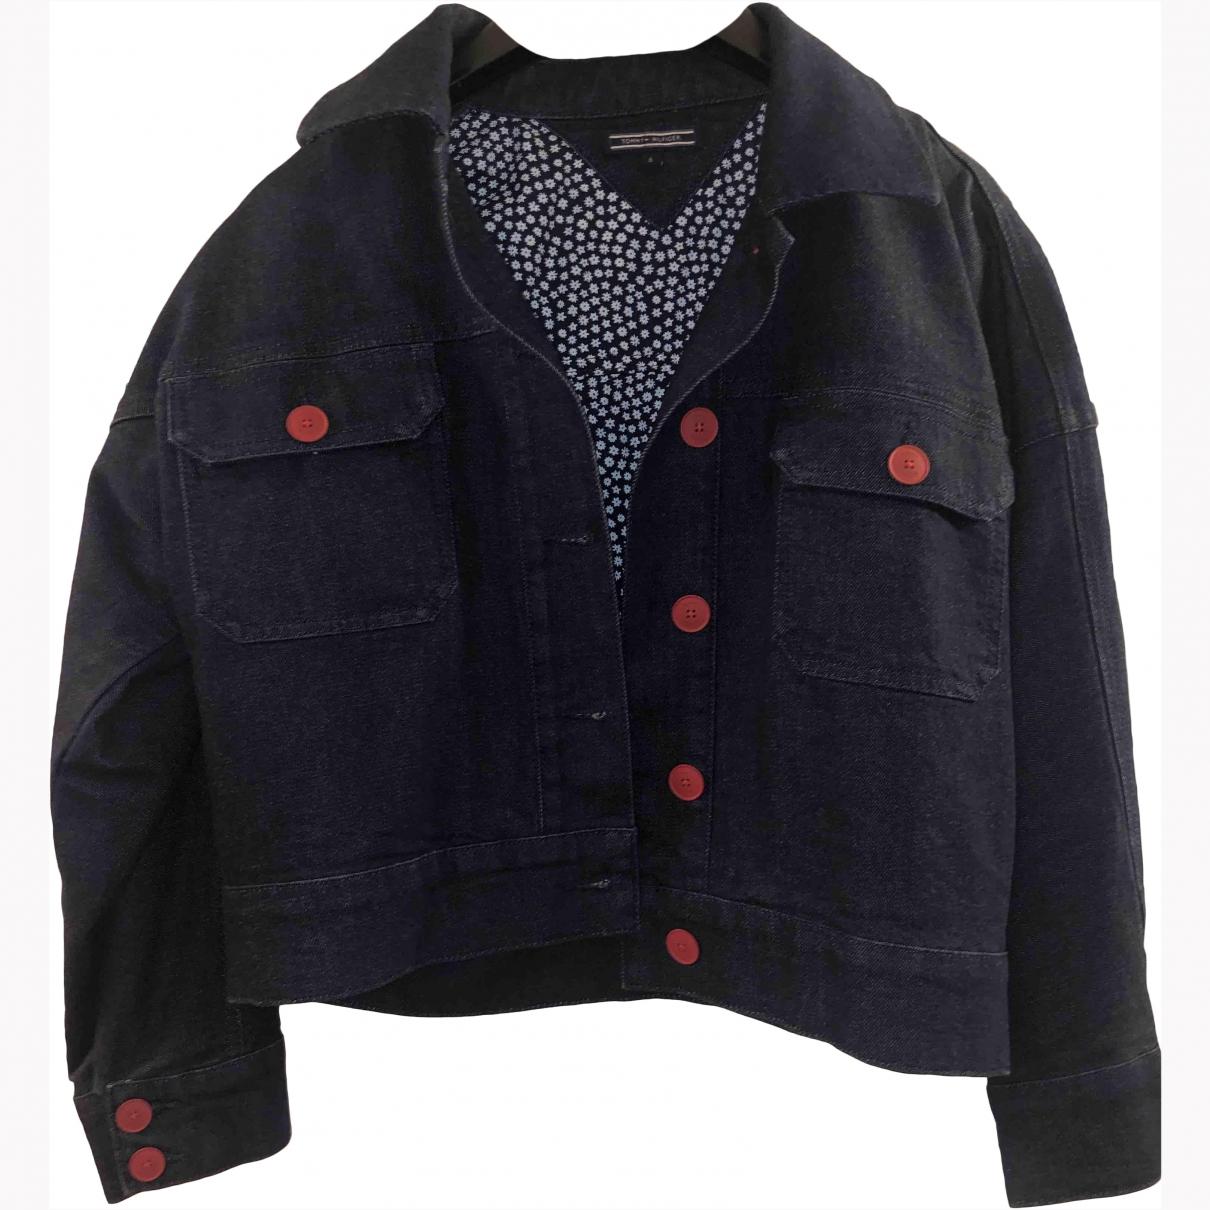 Tommy Hilfiger \N Blue Denim - Jeans jacket for Women S International